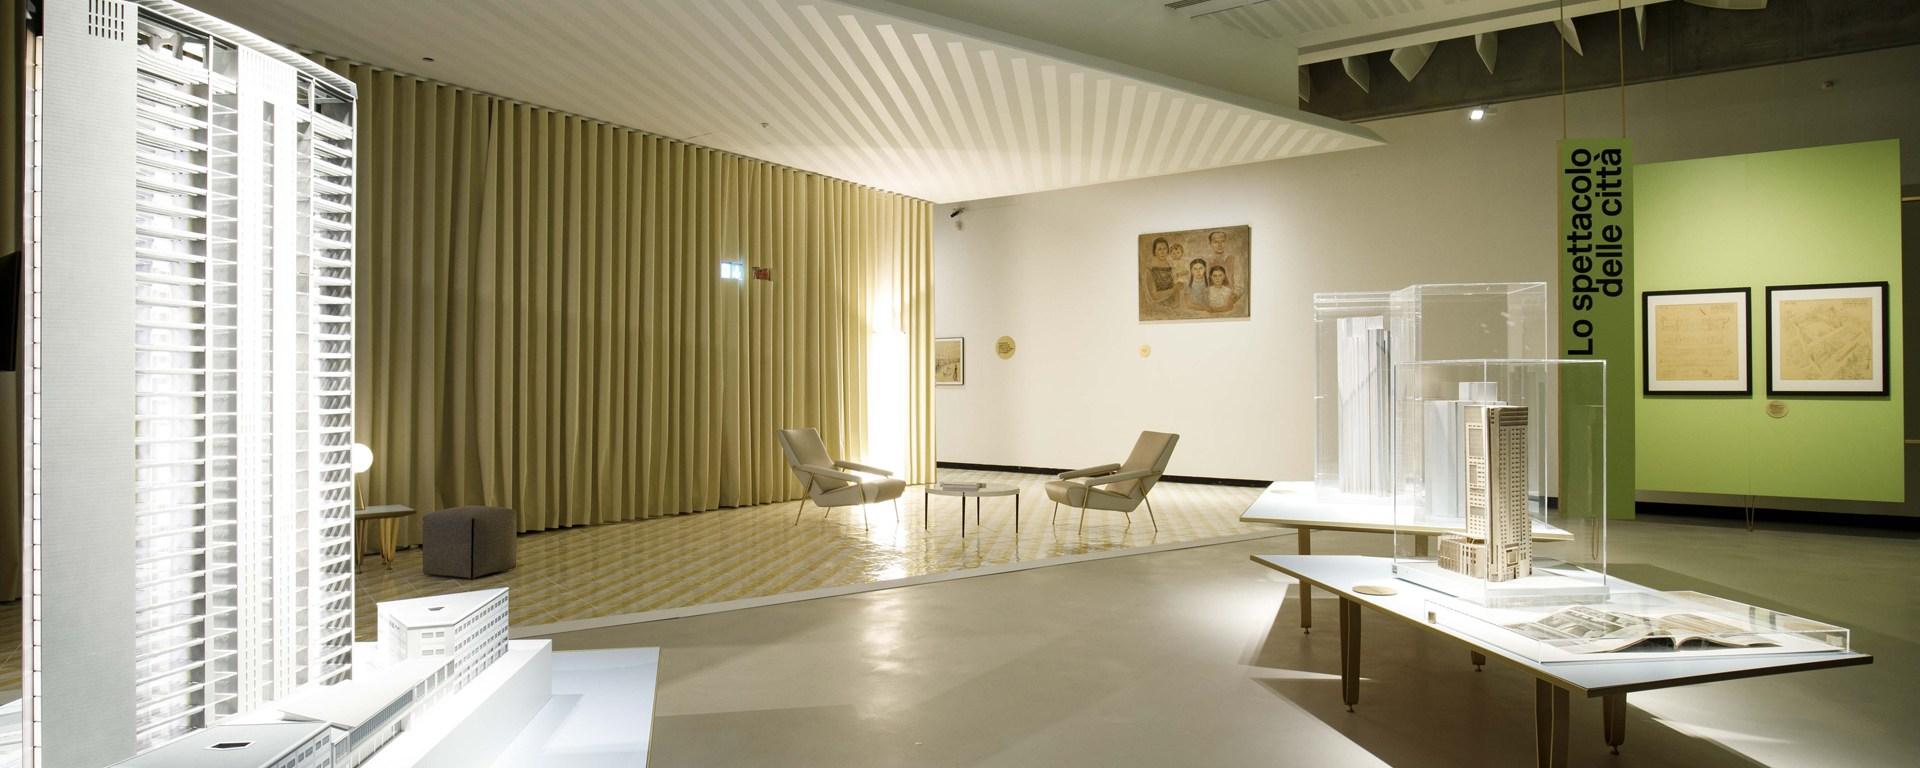 MAXXI, Gio Ponti. Amare l'architettura, Foto Musacchio Ianniello e Pasqualini, courtesy Fondazione MAXXI